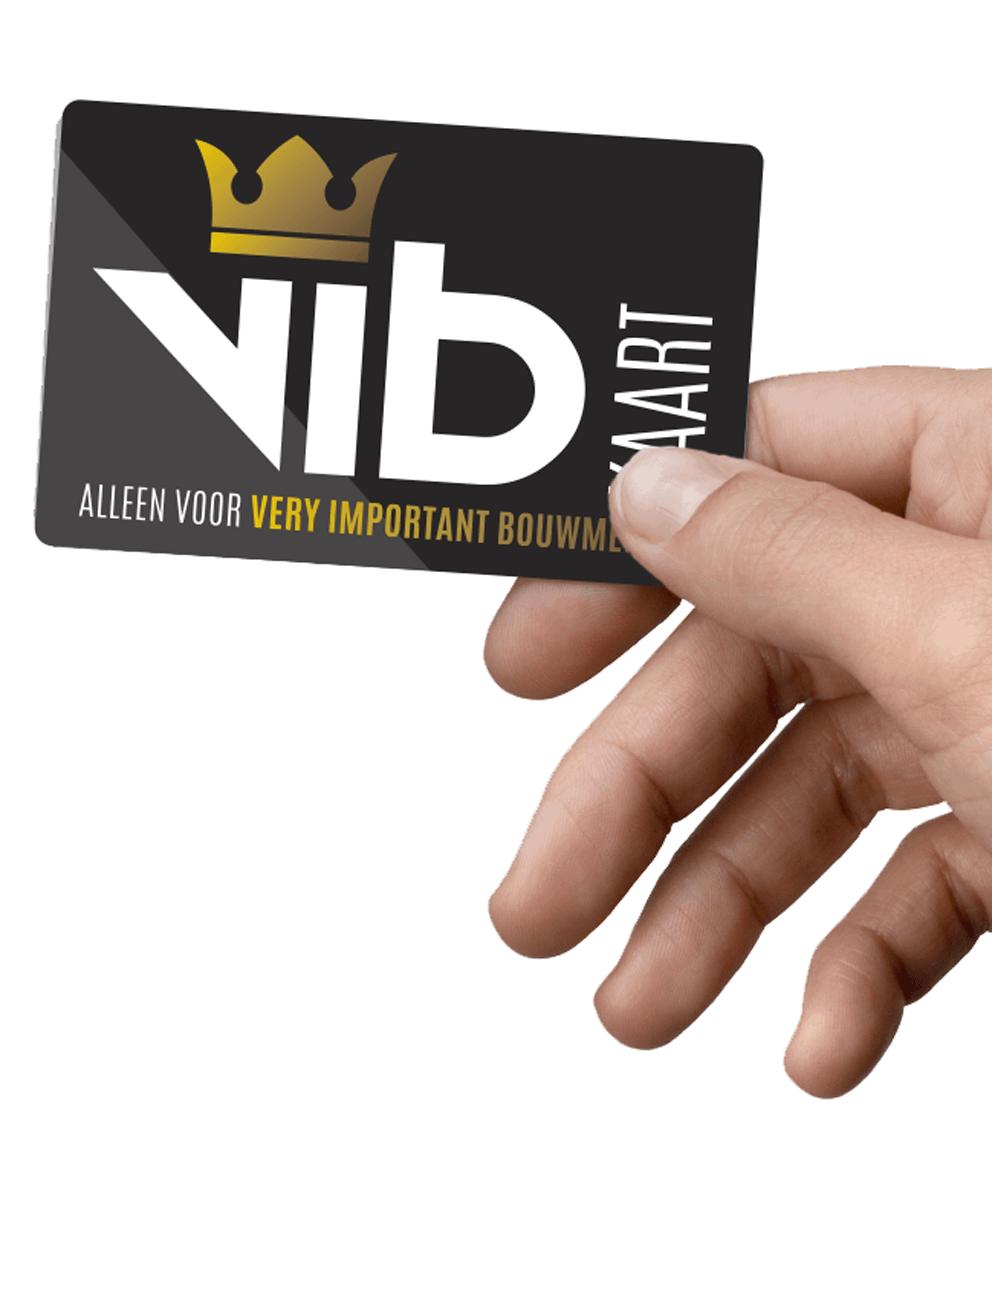 VIBkaart by Kneh